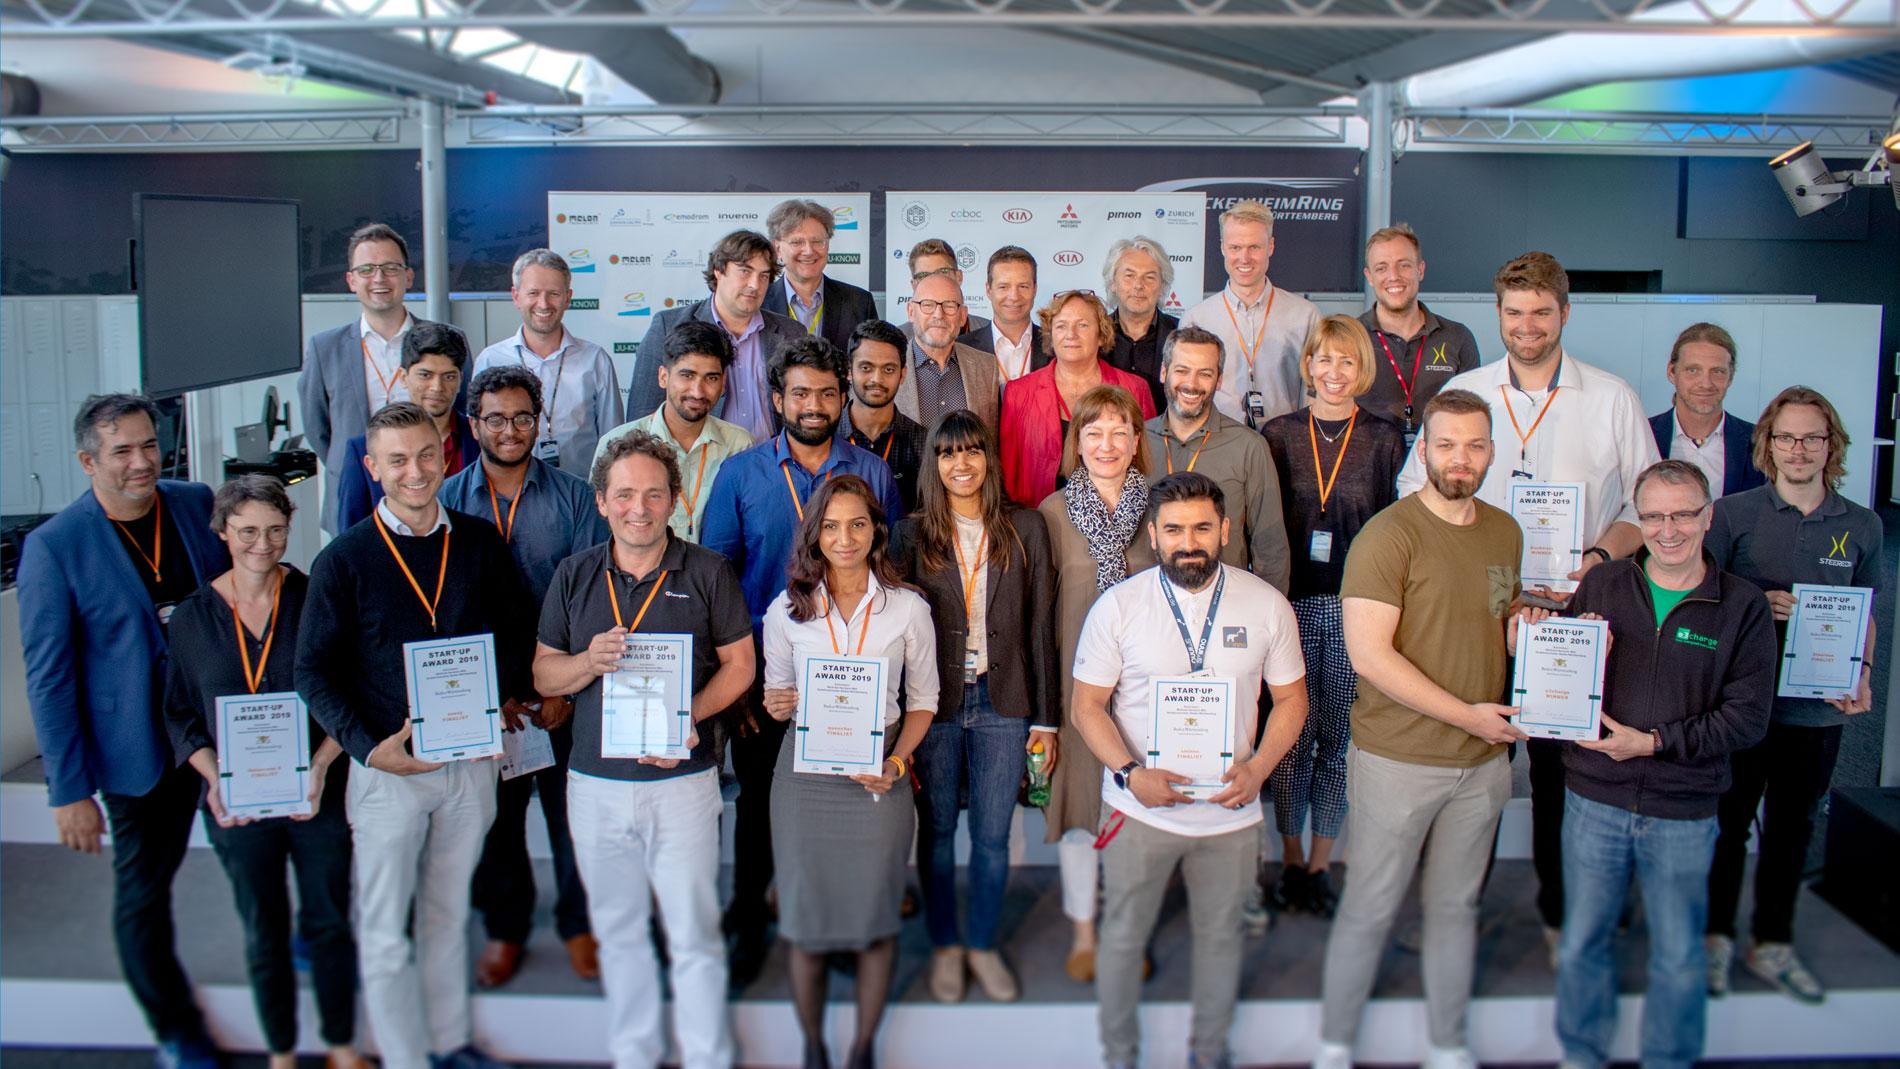 Gruppenfoto_Startups_web_16_9